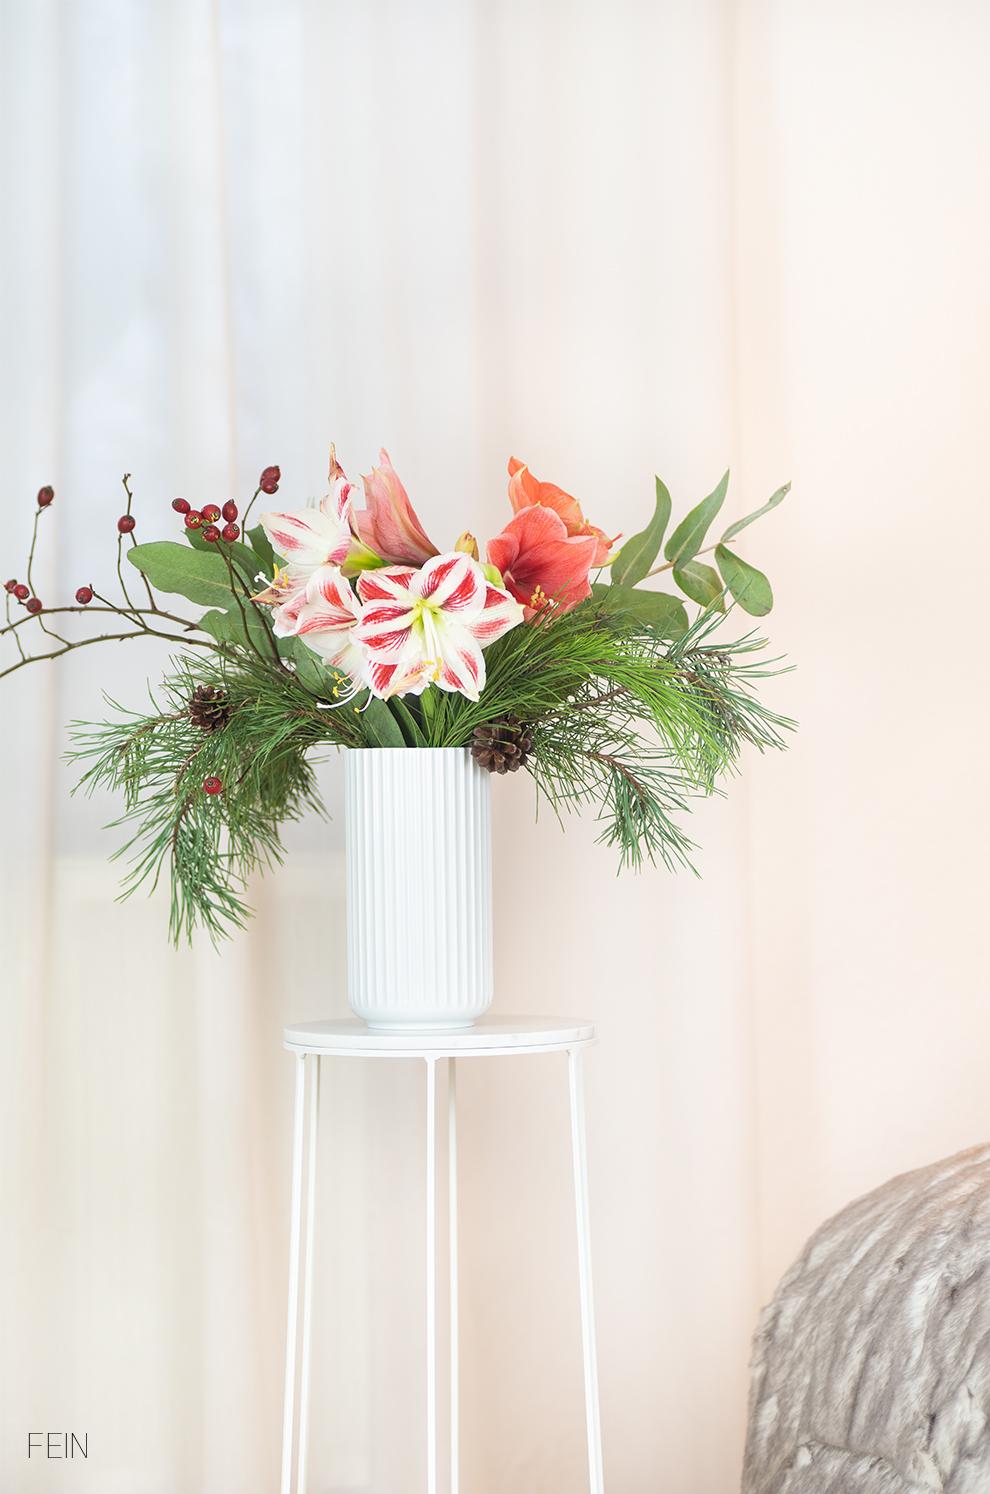 Weihnachtsgeschenke Blumen